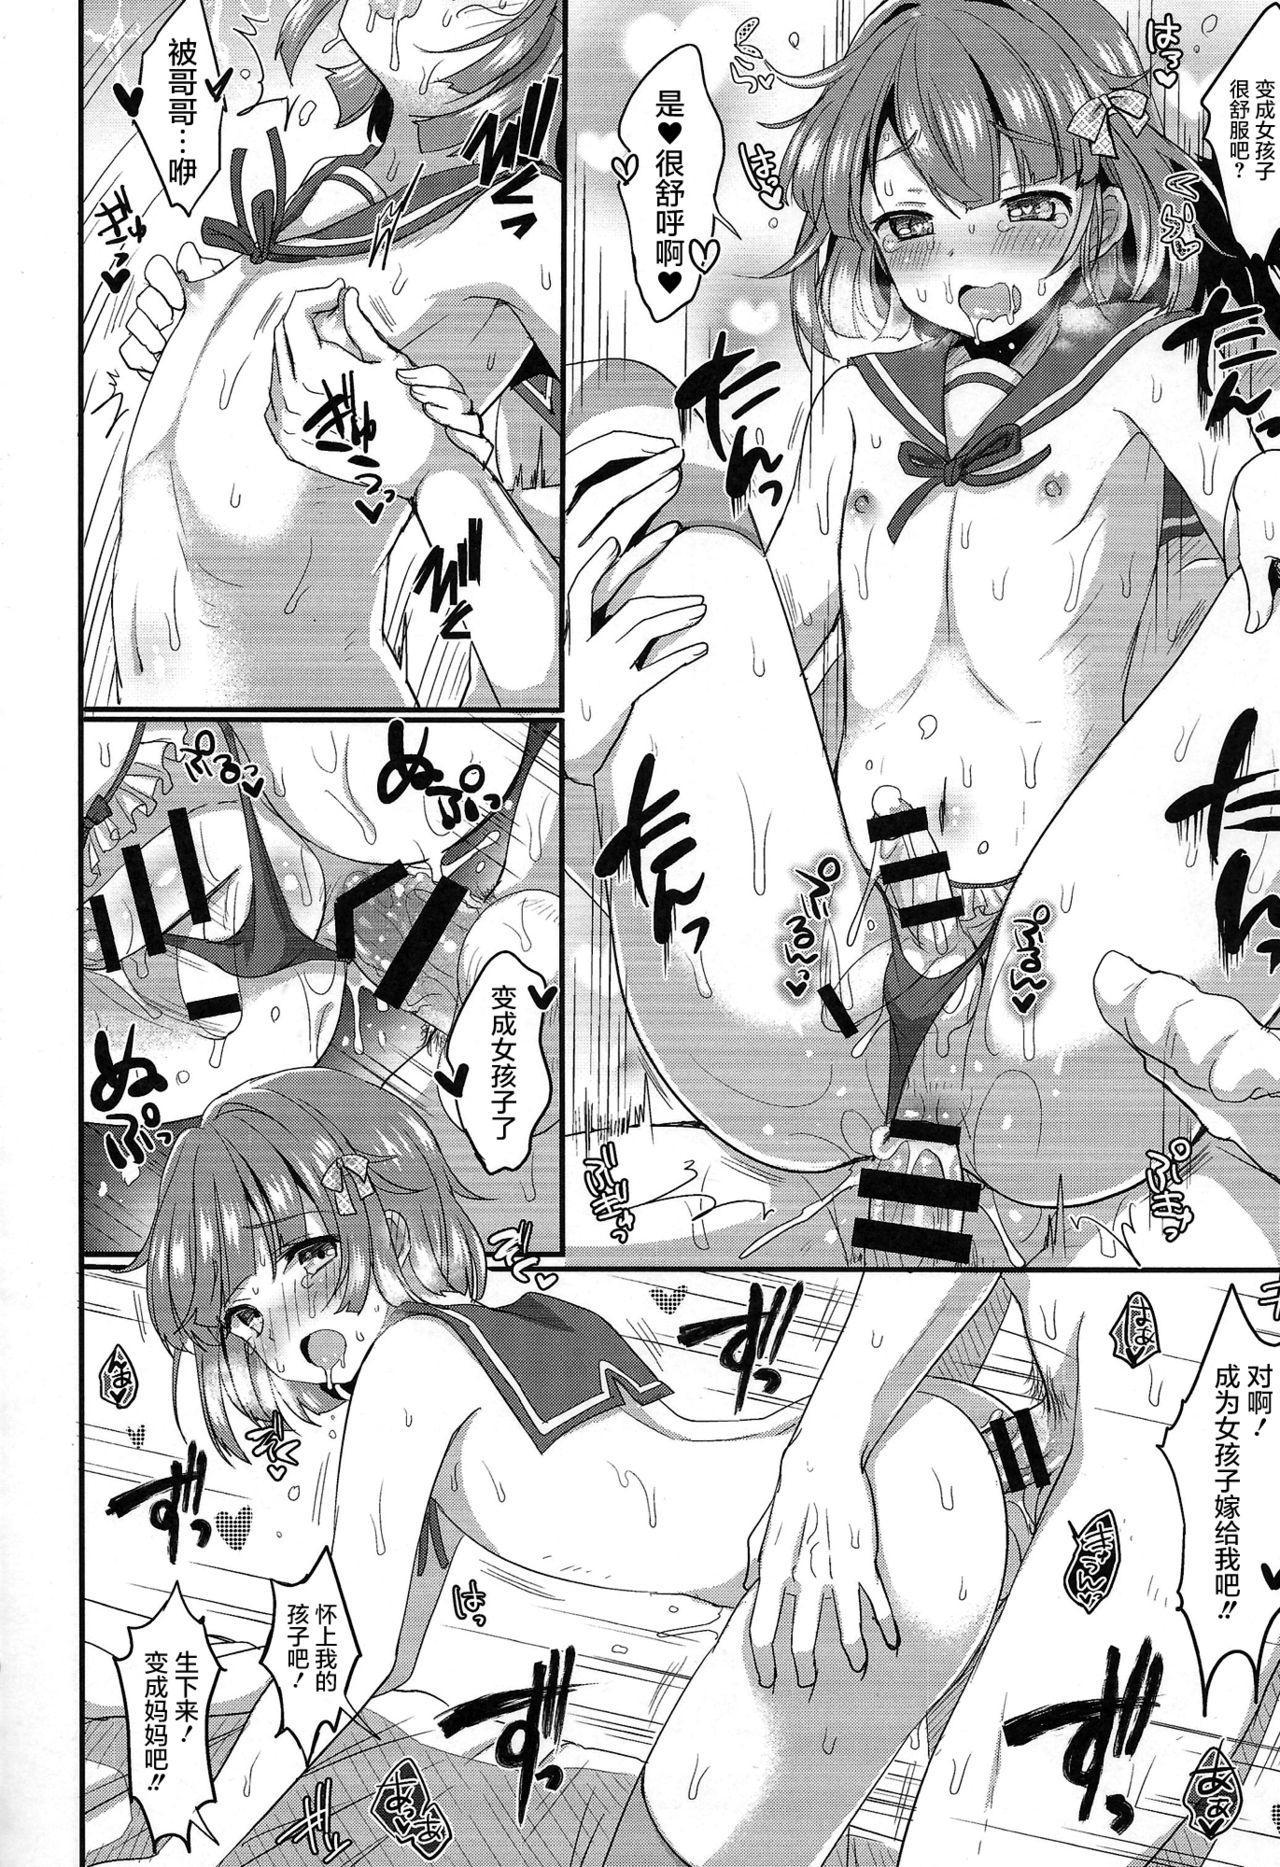 Hajime-kun to Ichaicha shitai! 19